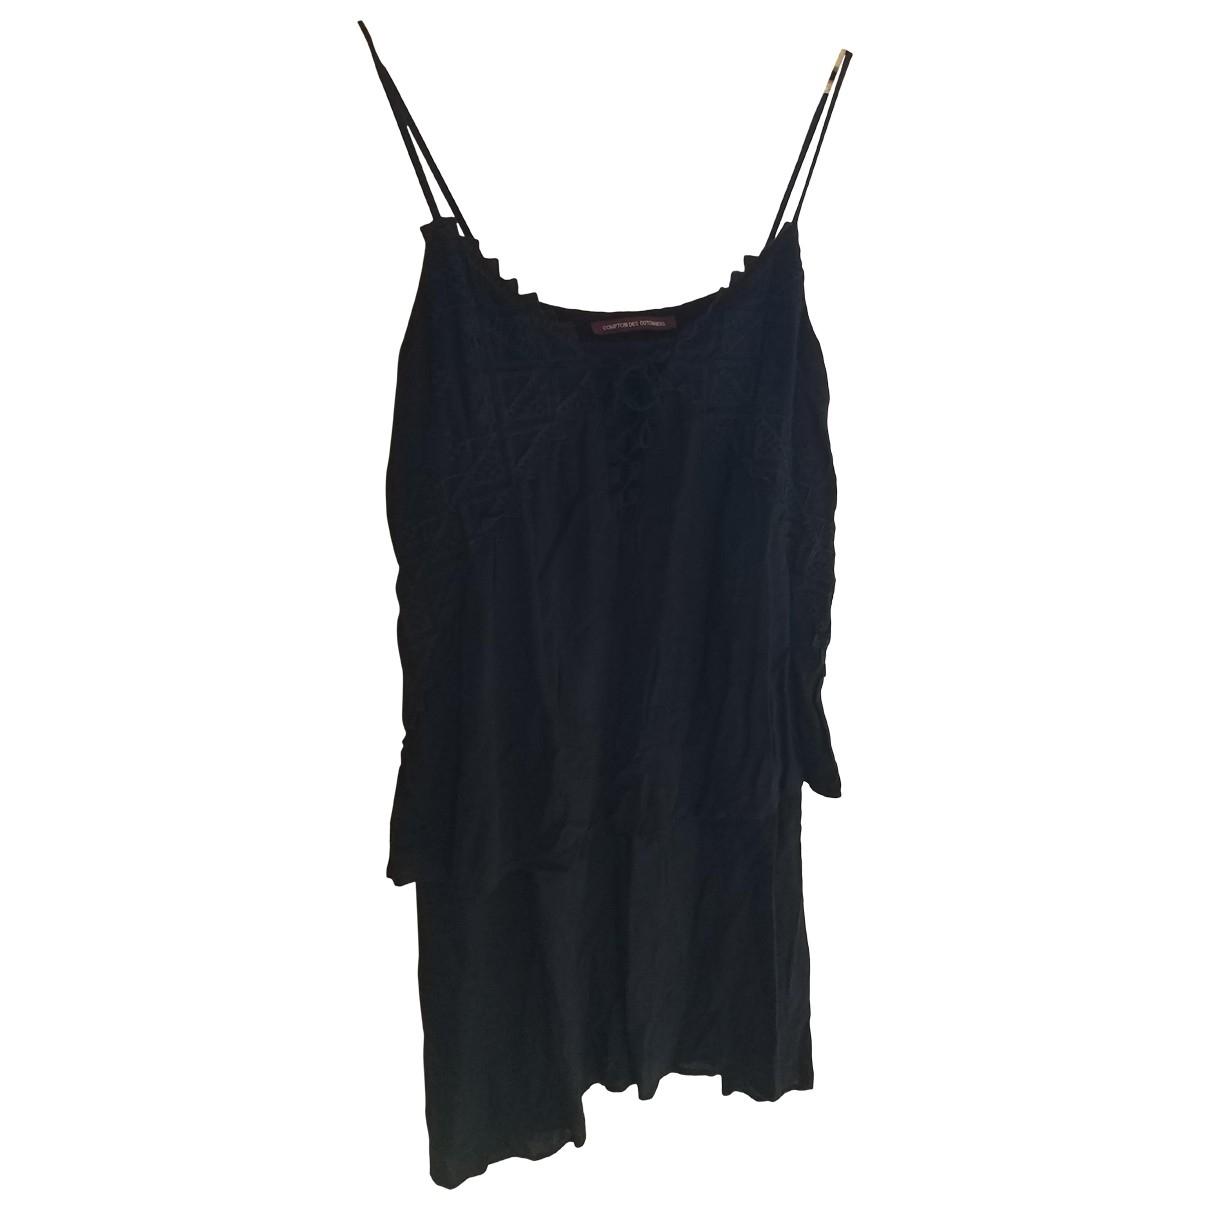 Comptoir Des Cotonniers \N Black dress for Women 38 FR